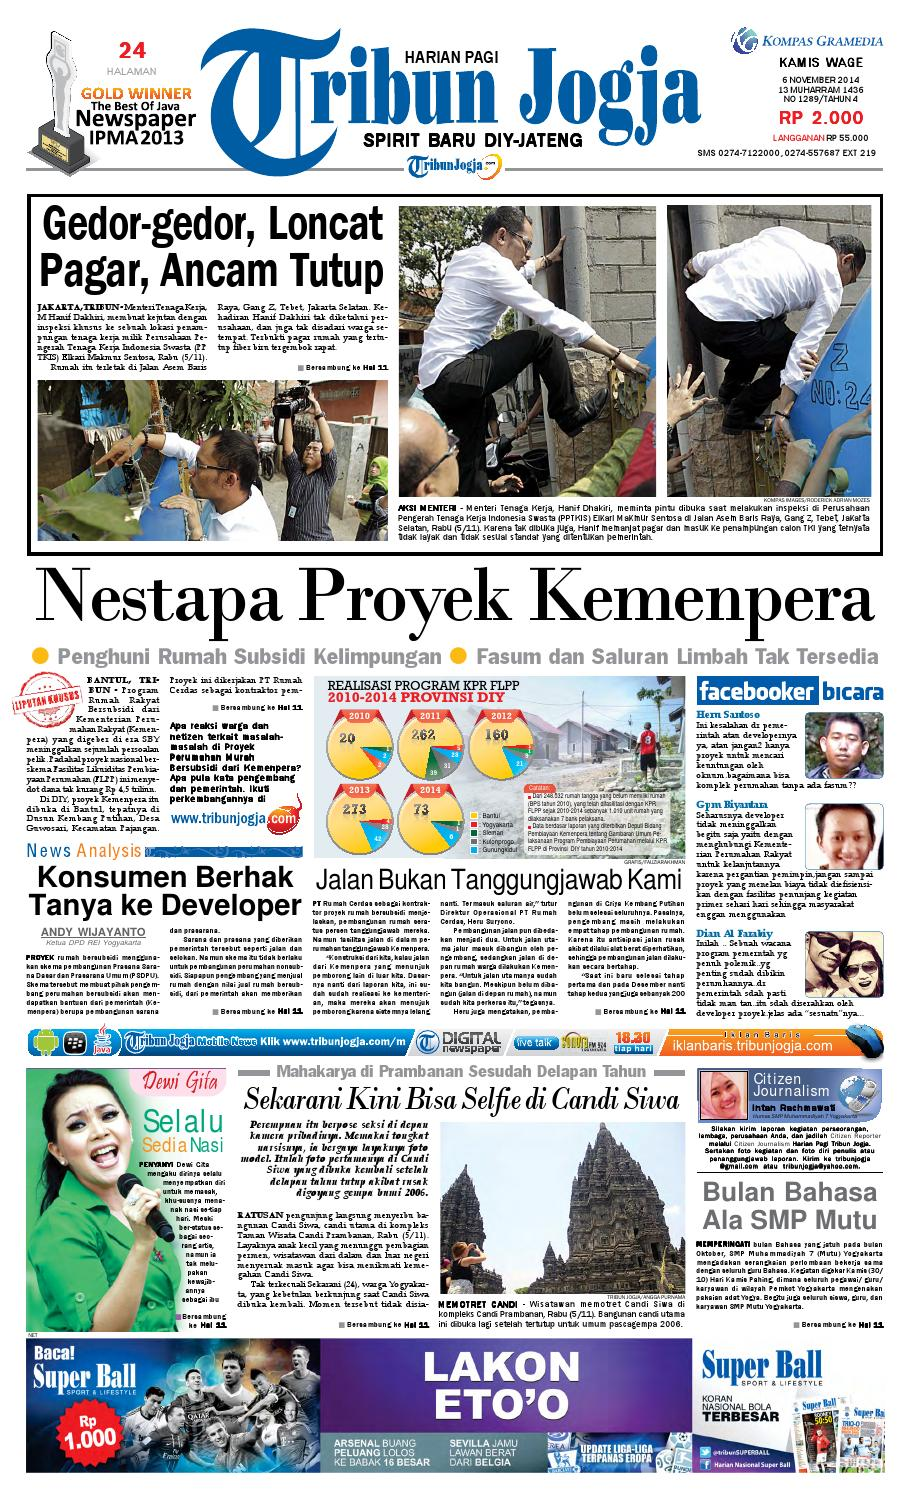 Tribunjogja 06 11 2014 By Tribun Jogja Issuu Fcenter Meja Rias Siantano Mr 905 Jawa Tengahdiyjawa Timur